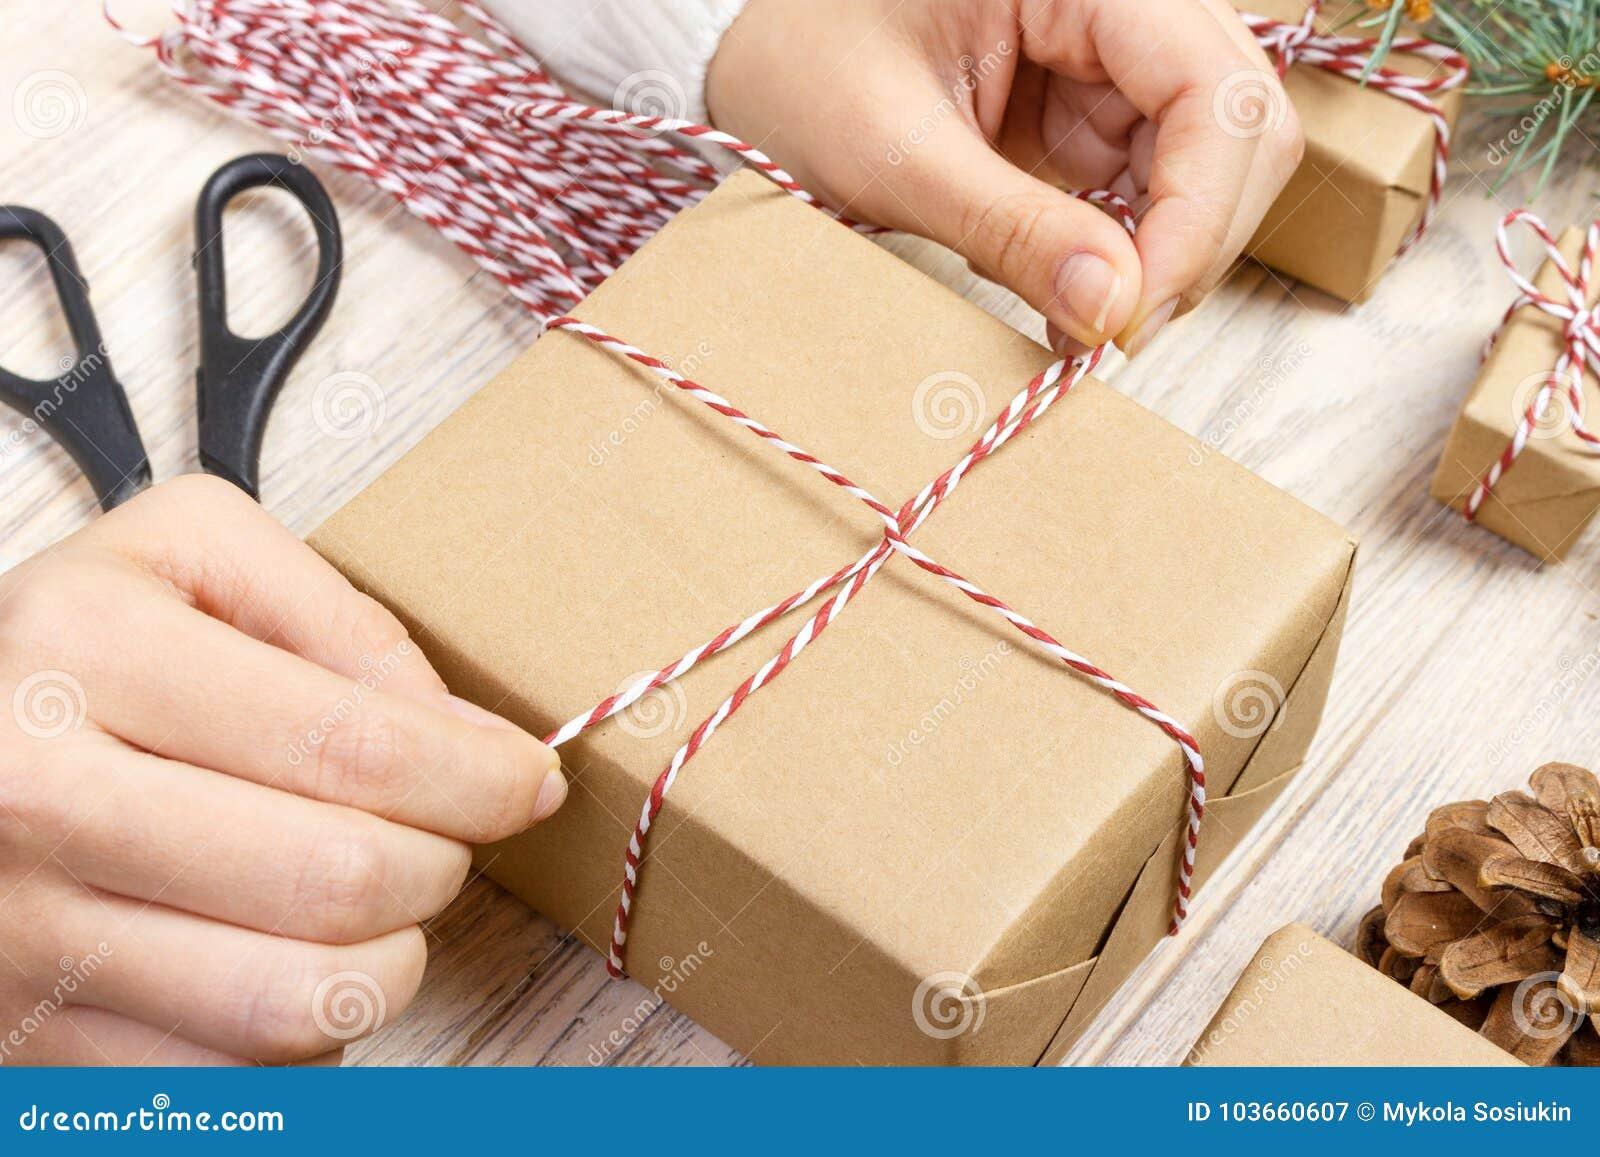 礼品包装材料妇女包装礼物逐步包裹库存图片. 图片包括有妇女包装礼物 ...